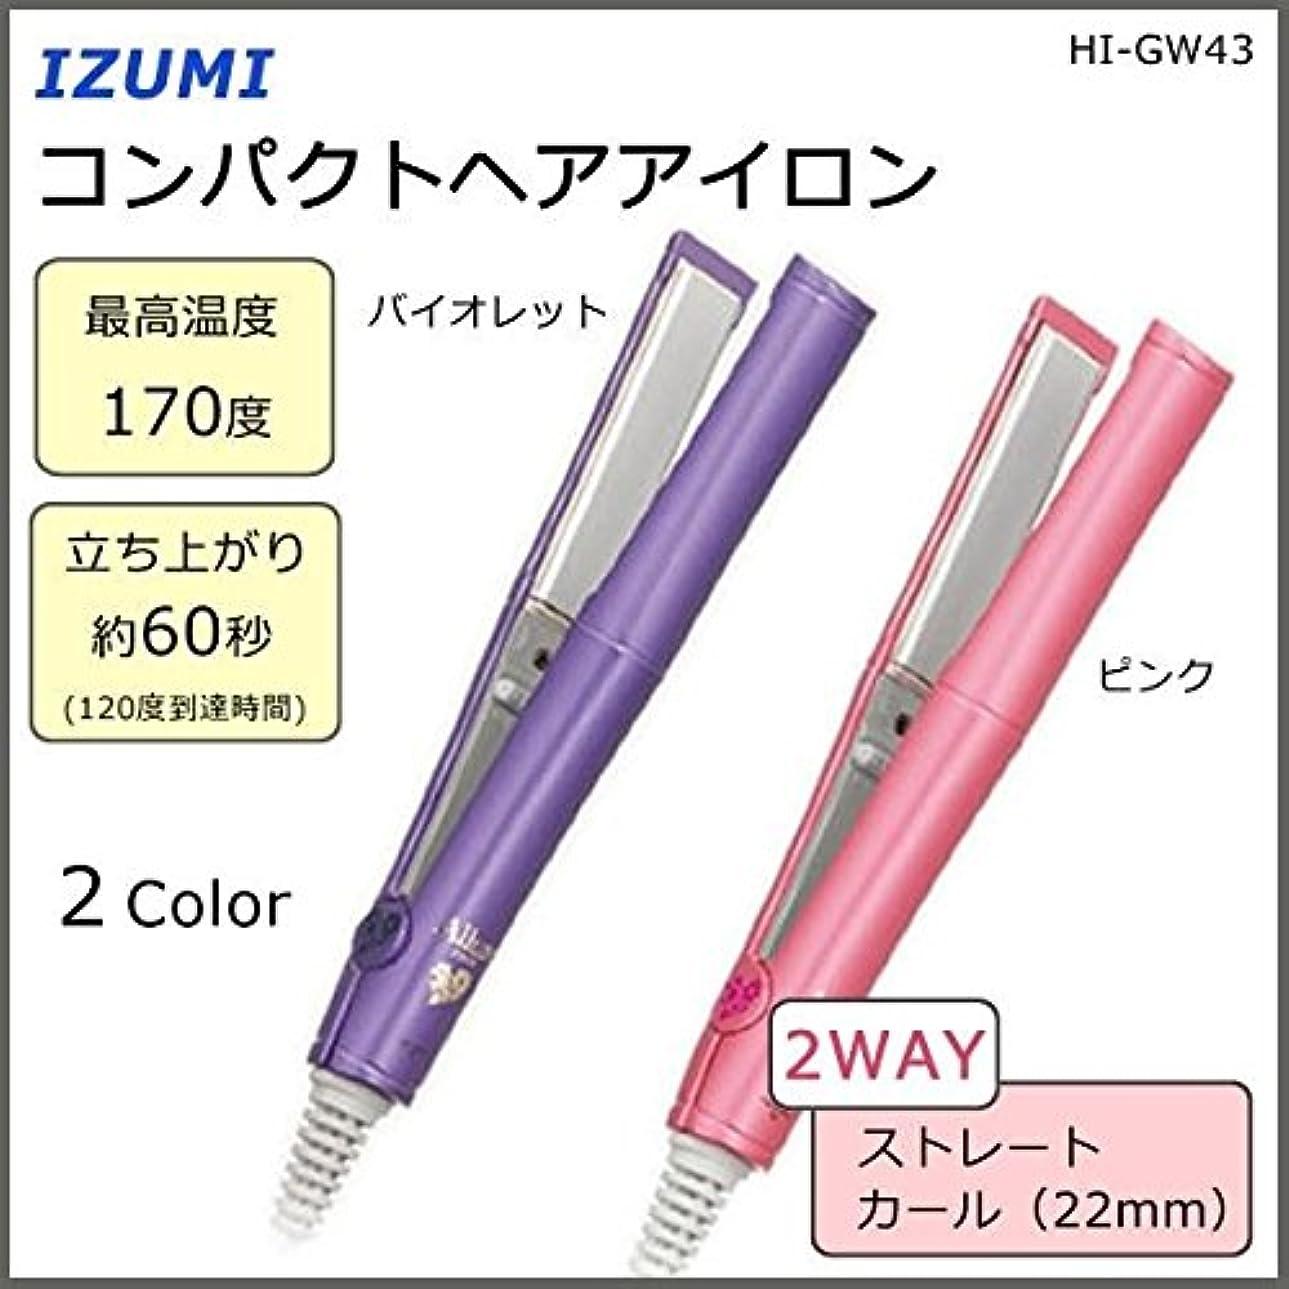 最終的に賭けサラダIZUMI Allure rosa コンパクトストレートアイロン ピンク HI-GW43P